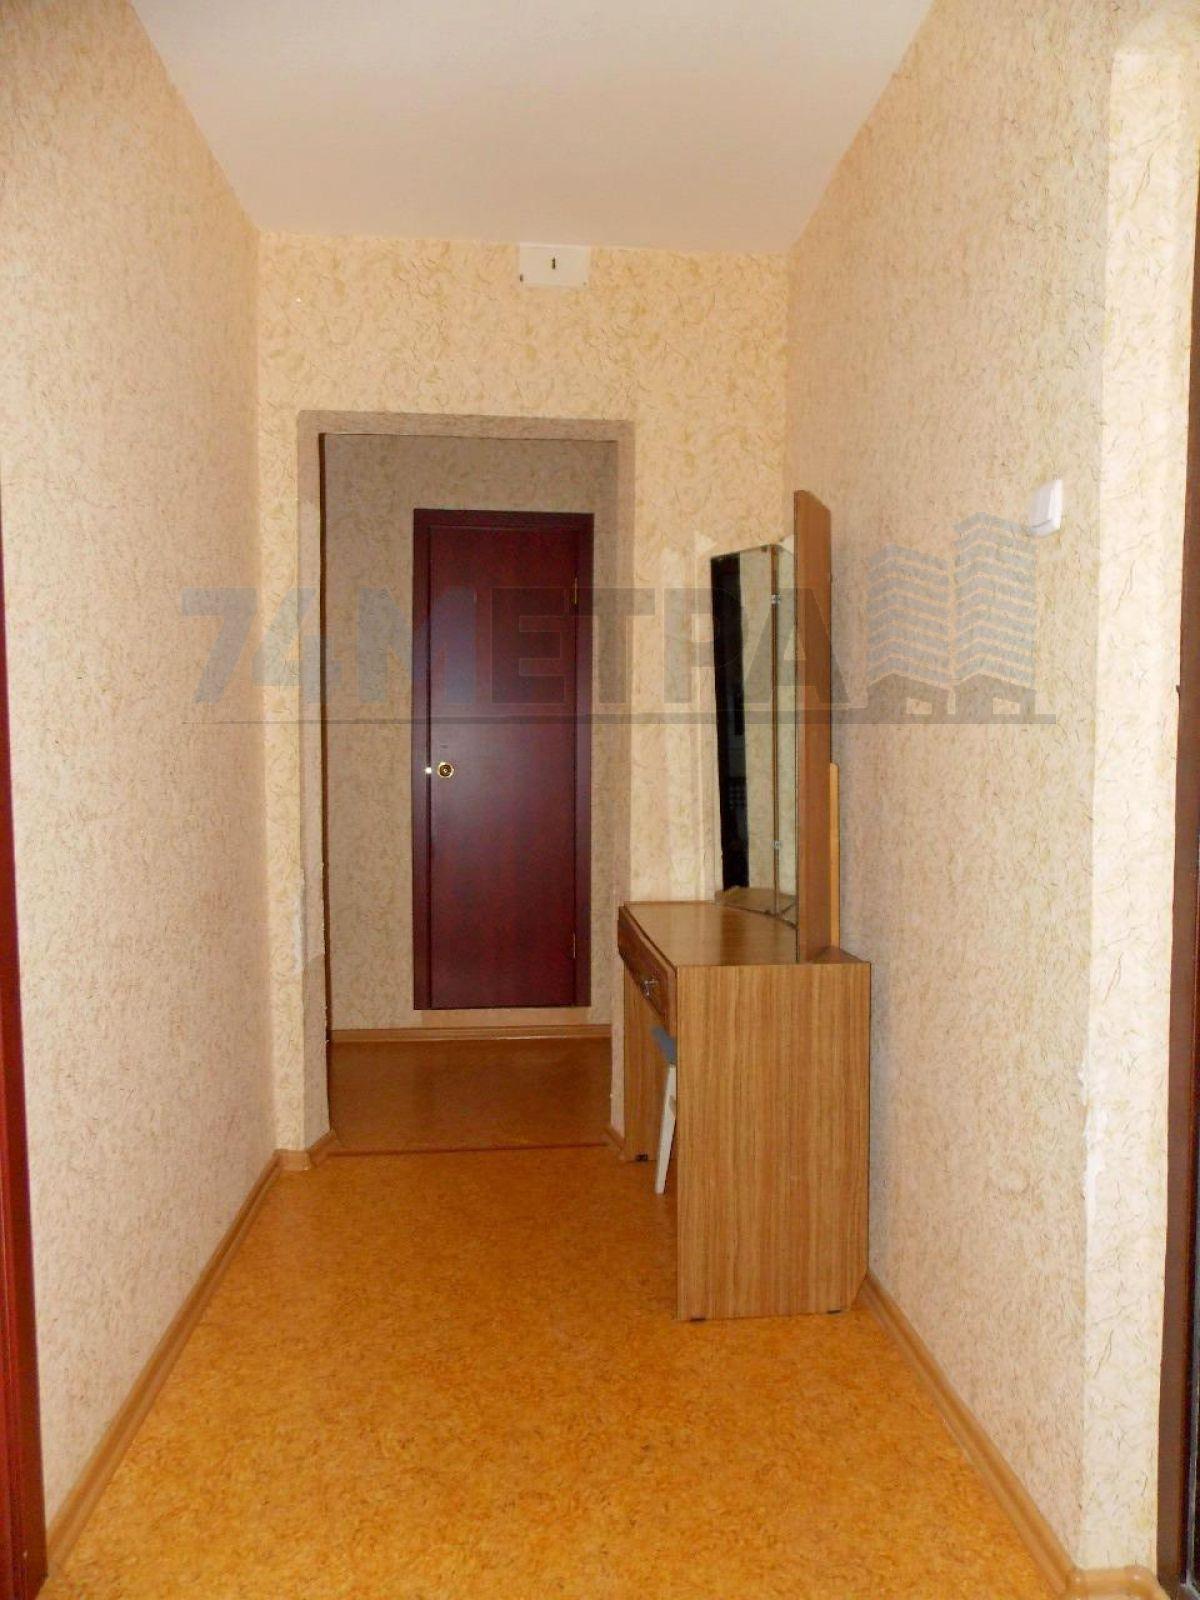 11 000 ₽, 1 - комнатная квартира, площадь 43 м², этаж 8/10